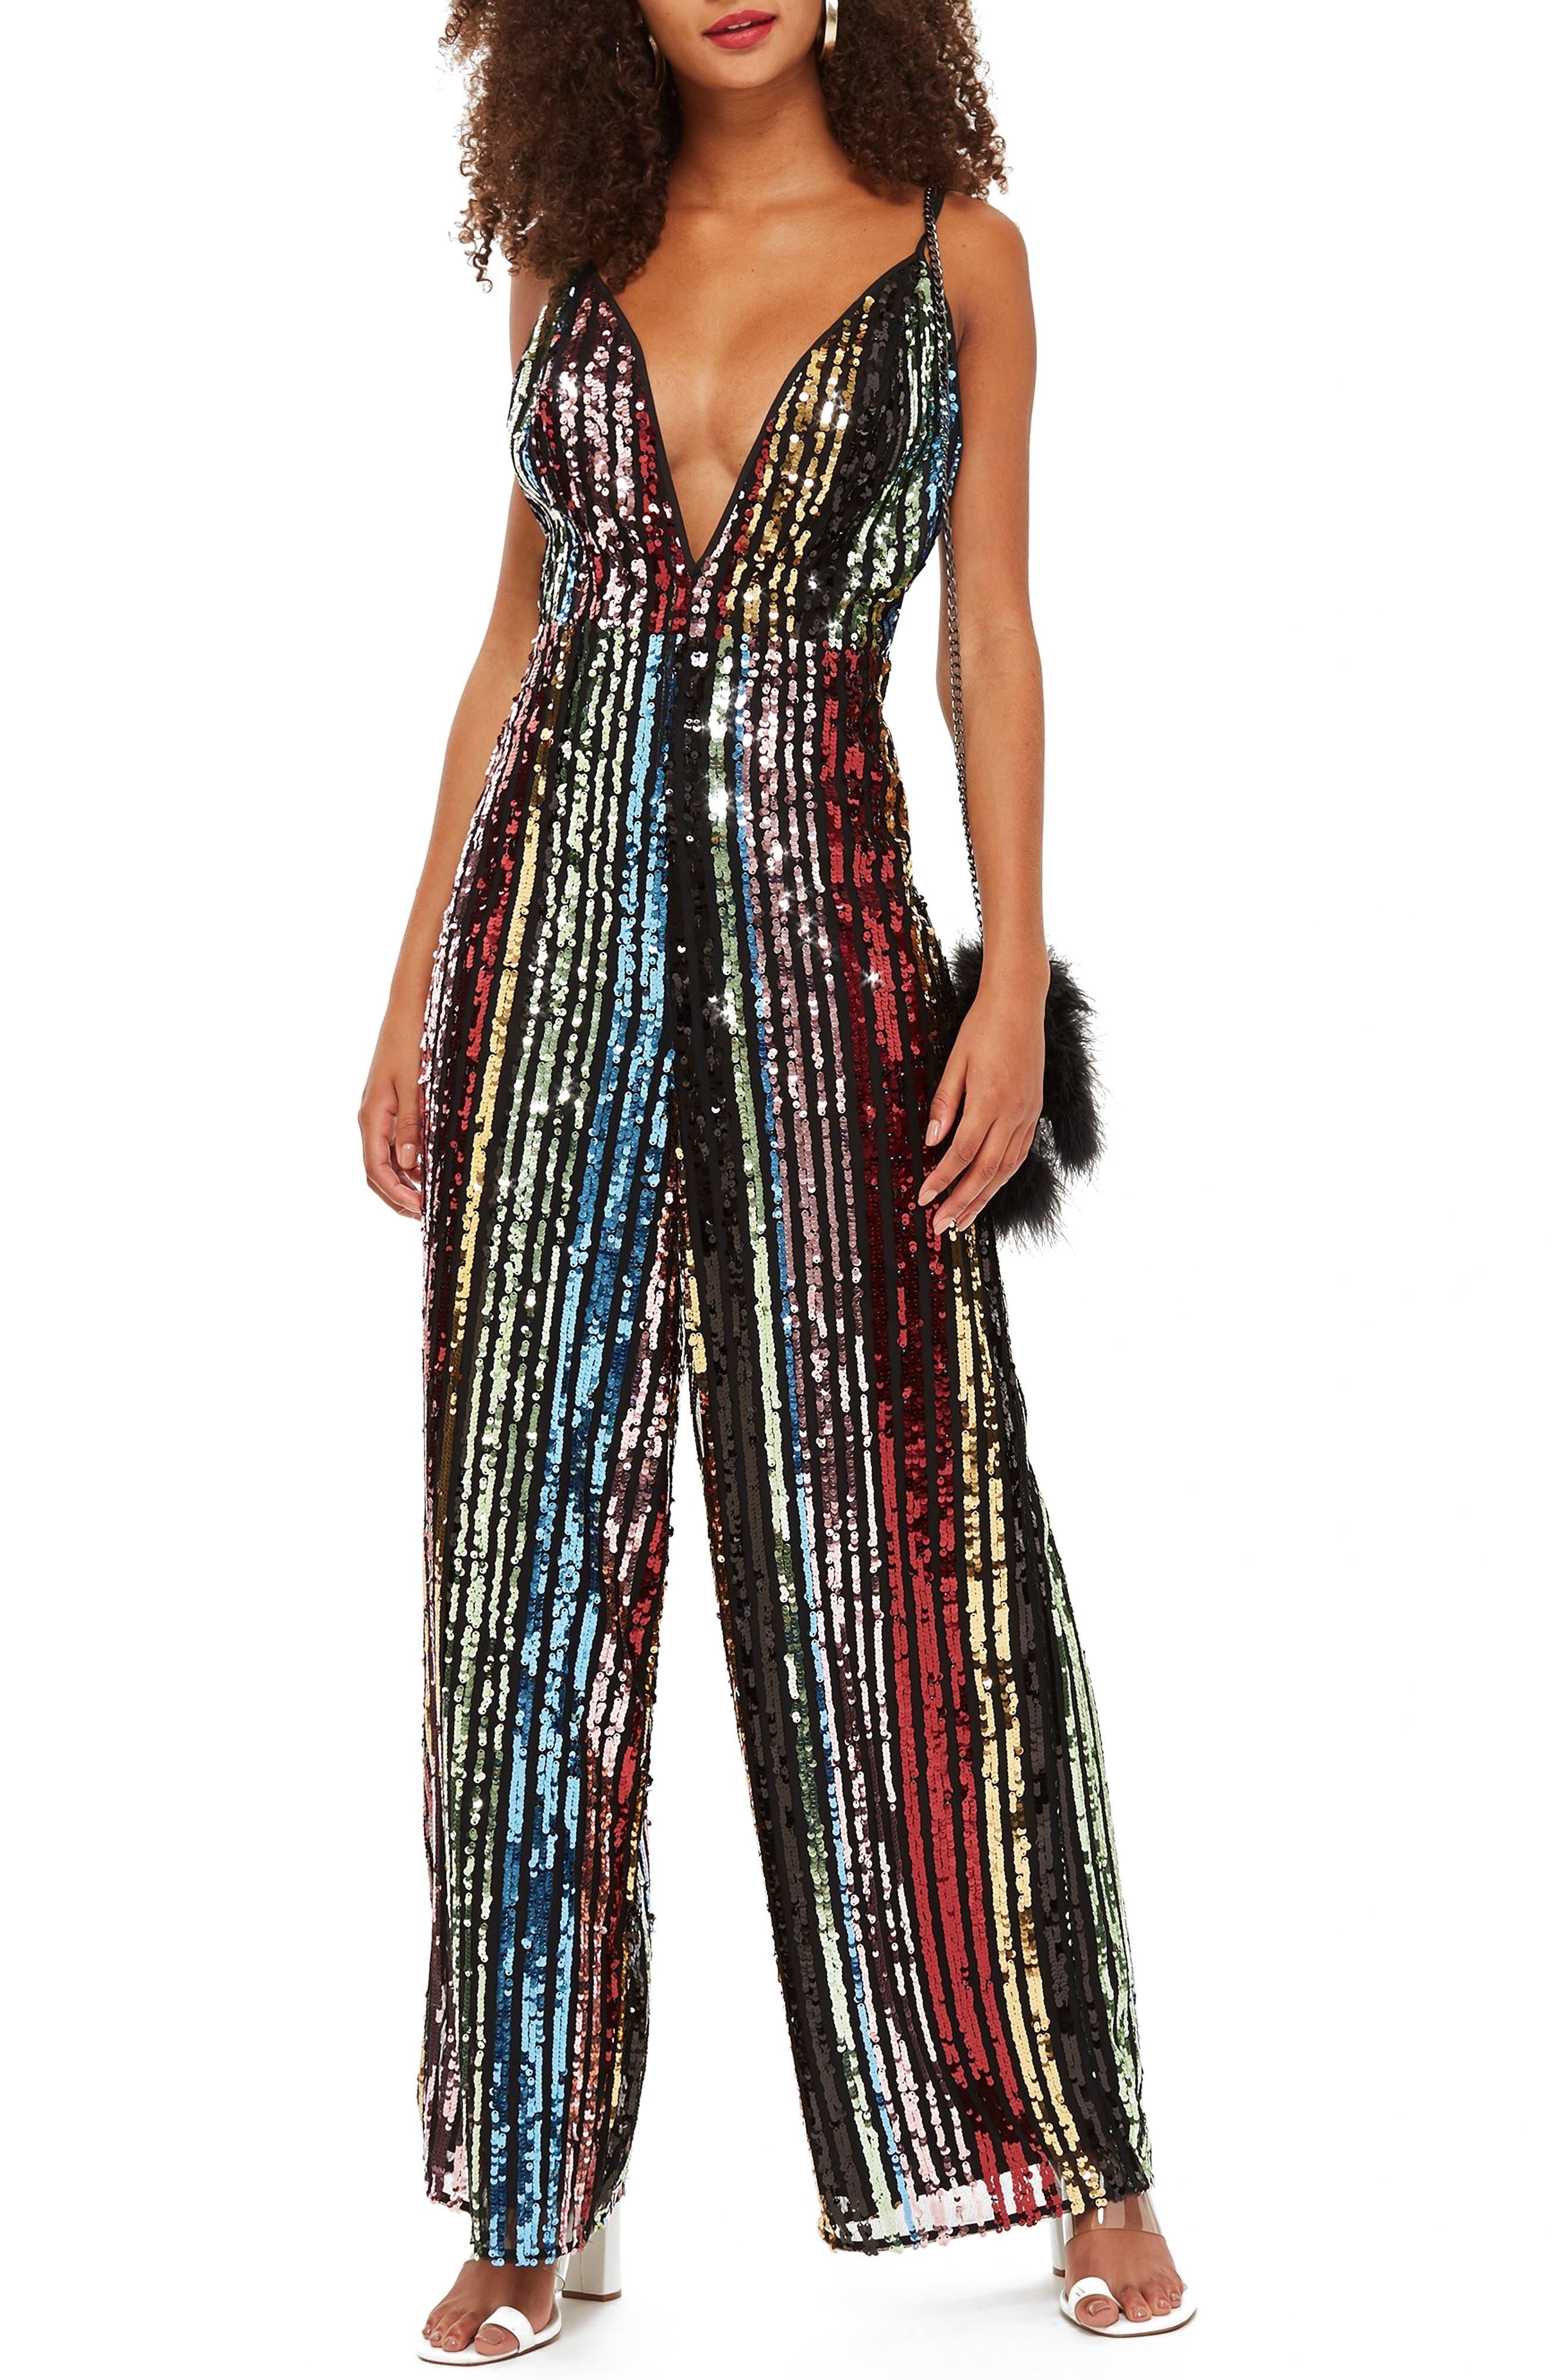 Vintage High Waisted Trousers, Sailor Pants, Jeans Womens Topshop Rainbow Sequin Jumpsuit $119.97 AT vintagedancer.com